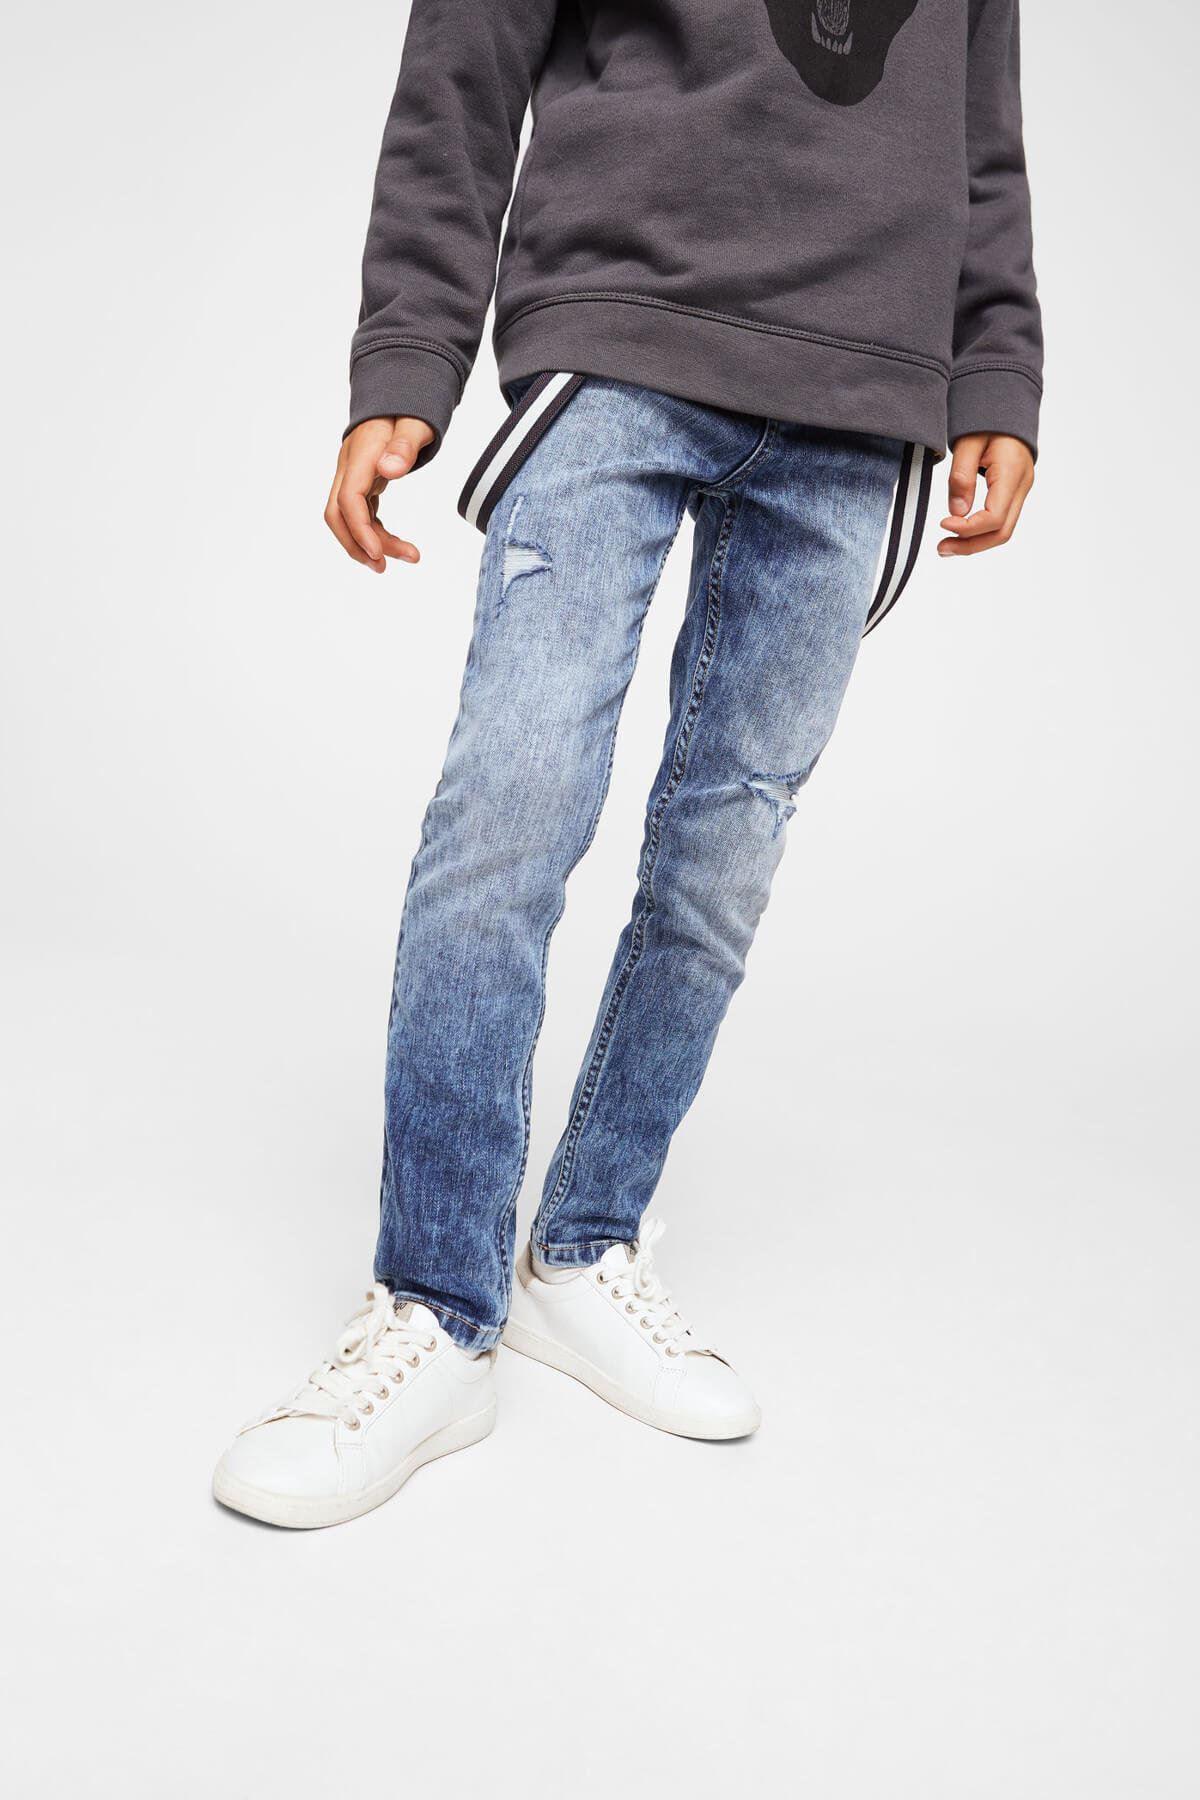 Orta Denim Erkek Çocuk Pantolon